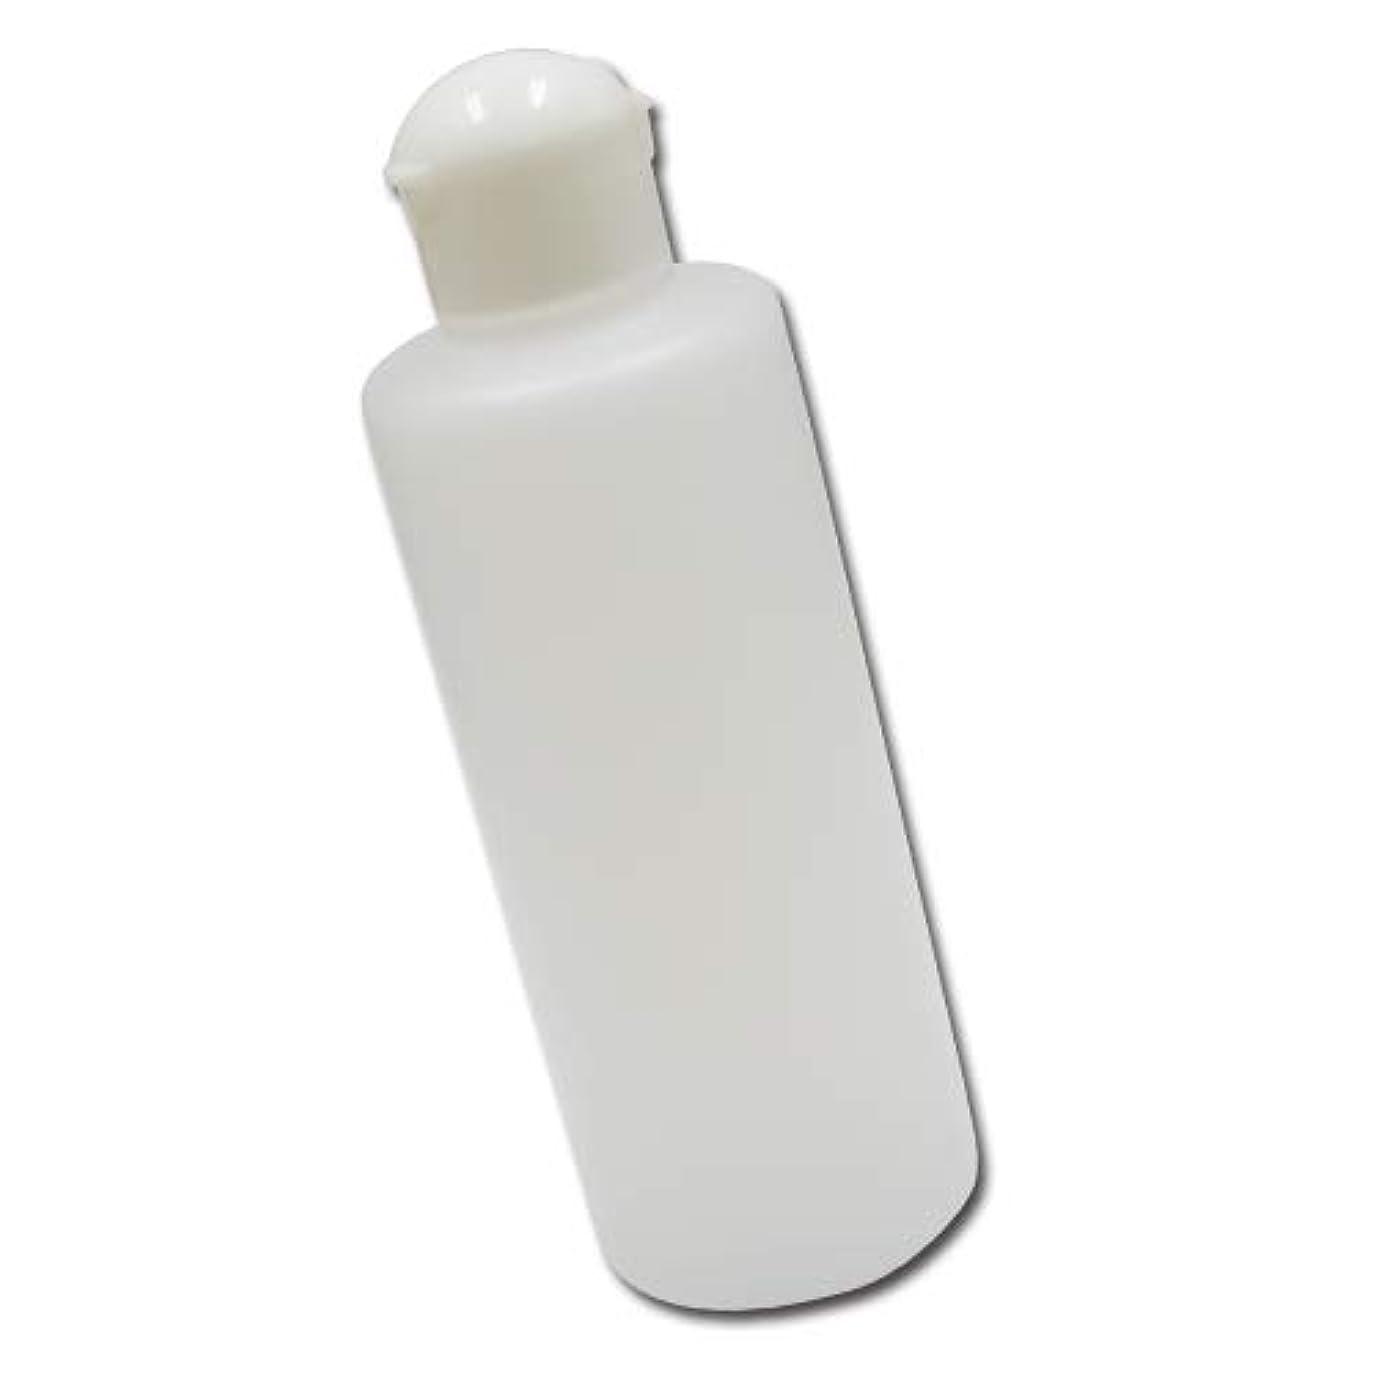 ボール懲戒混乱させる詰め替え容器ワンタッチキャップ200ml (半透明)│業務用ローションやうがい薬、液体石鹸、調味料、化粧品などの小分けに便利なボトル